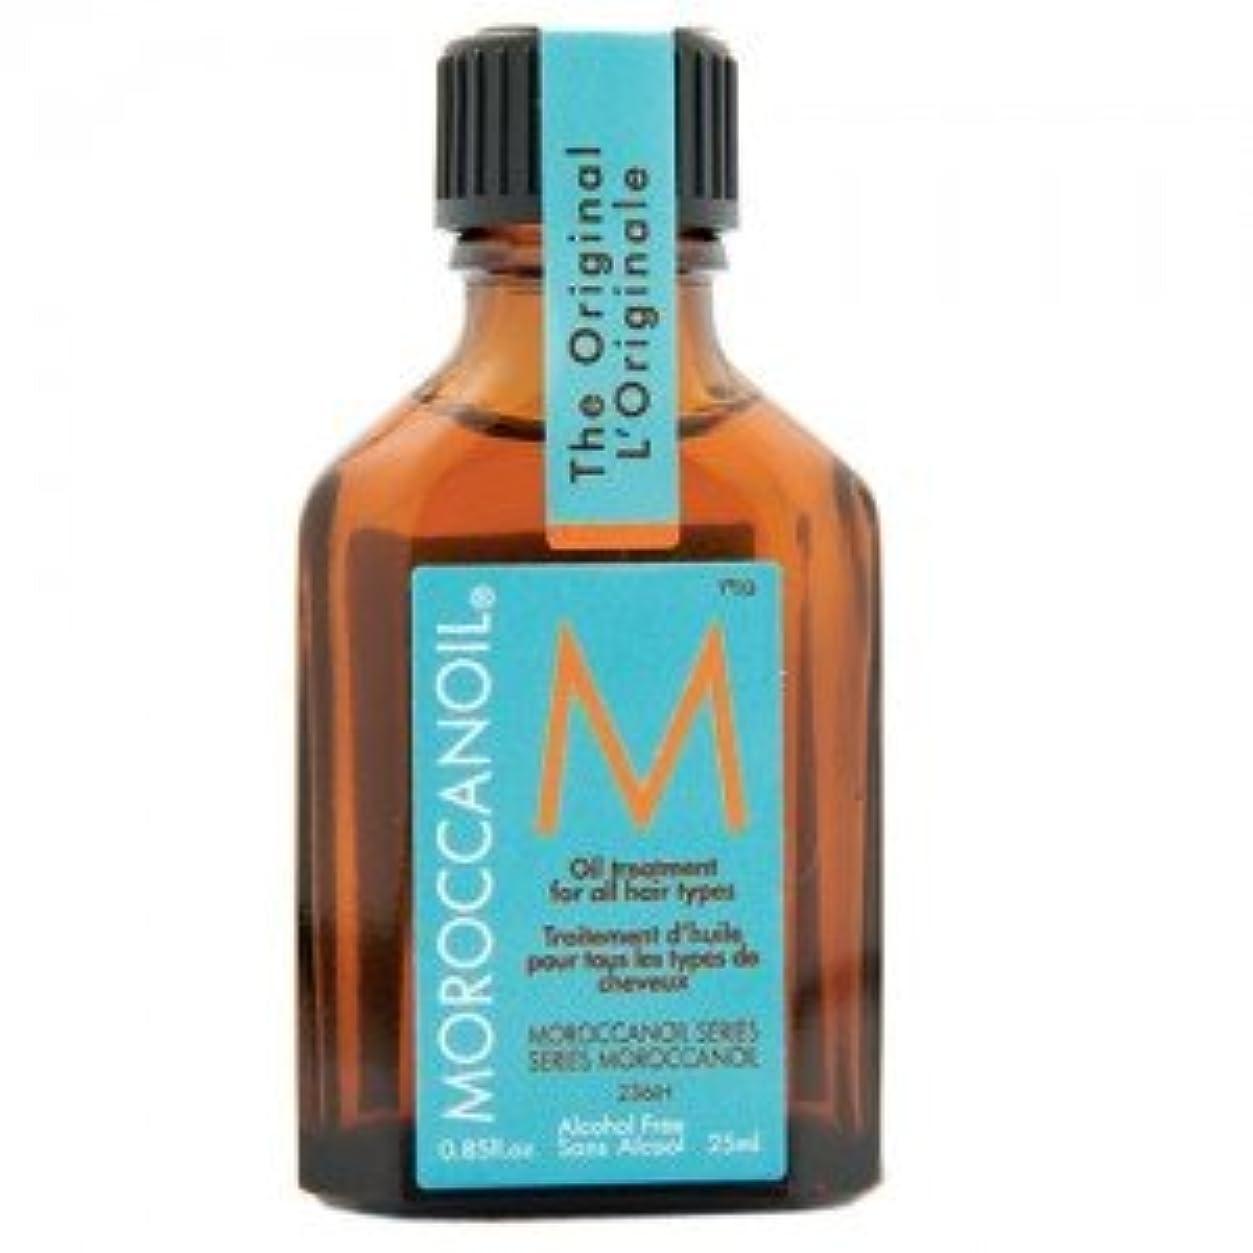 ホイッスル泣く肥沃なモロッカンオイル(MOROCCANOIL) モロッカンオイル 25ml[並行輸入品]